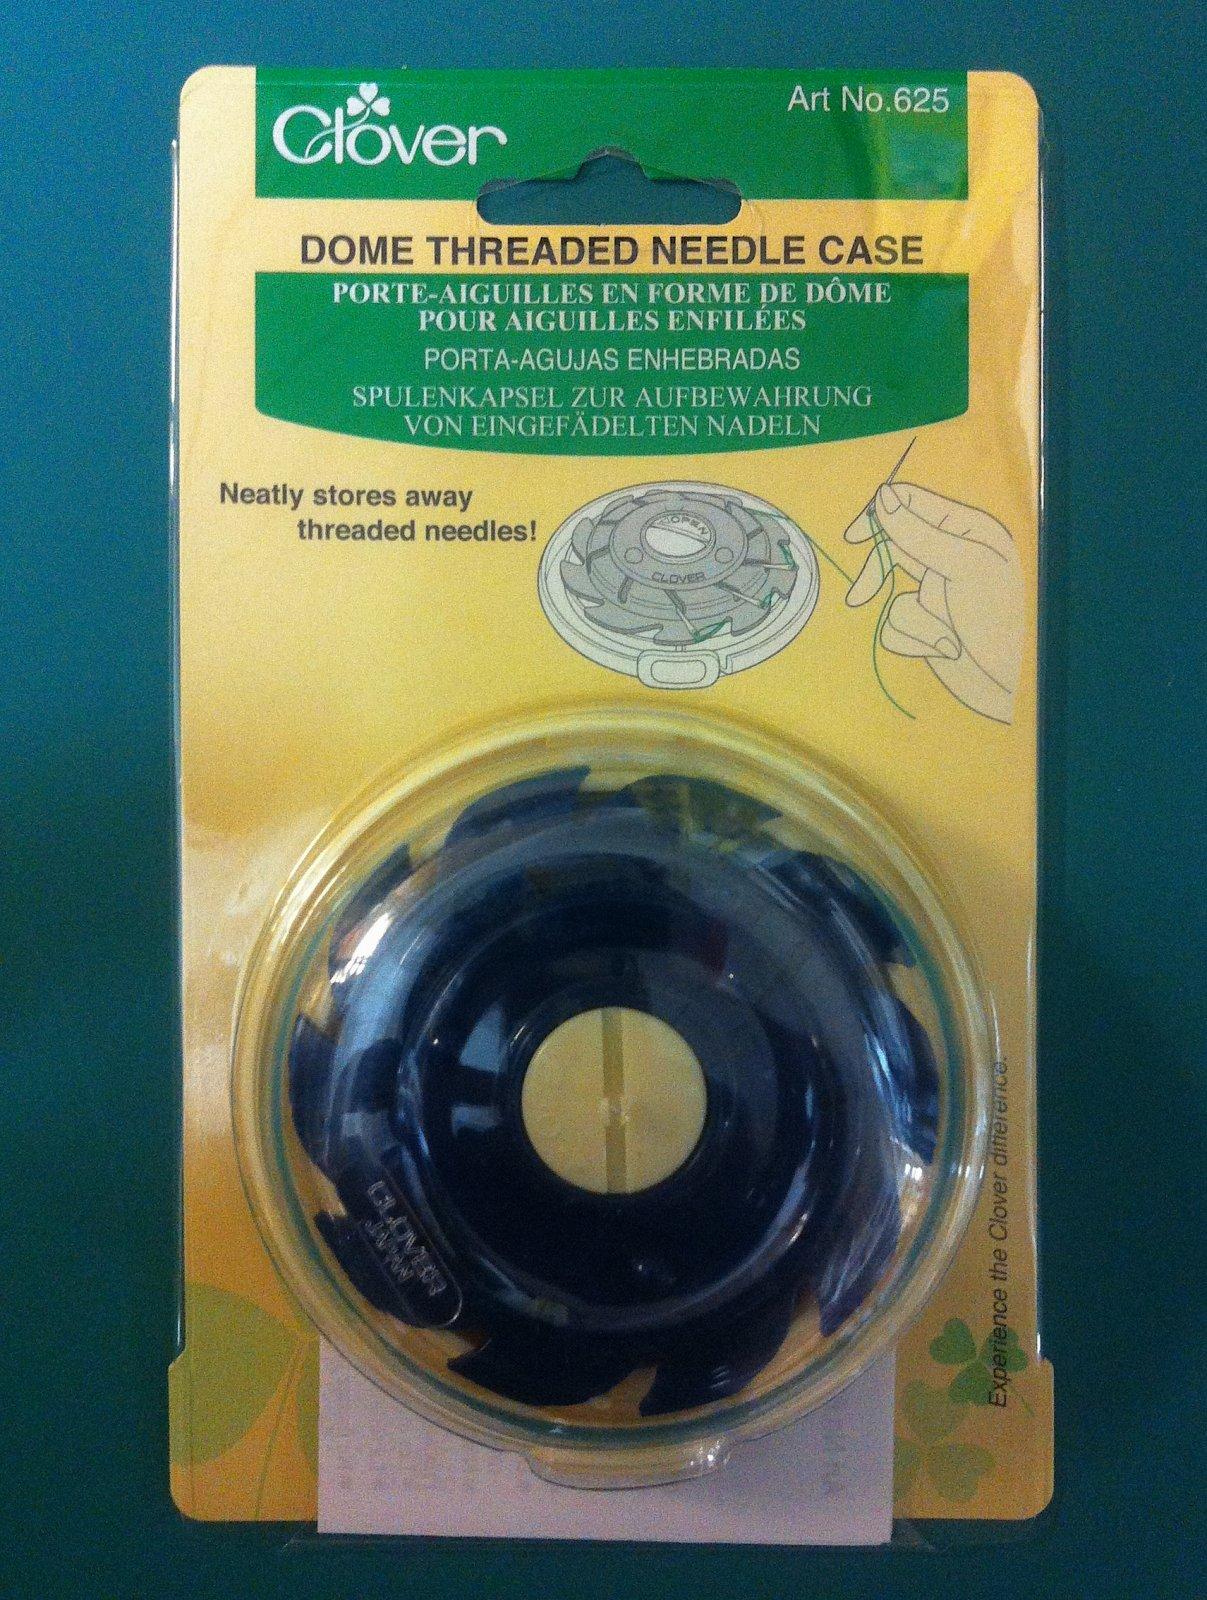 Dome Threaded Needle Case